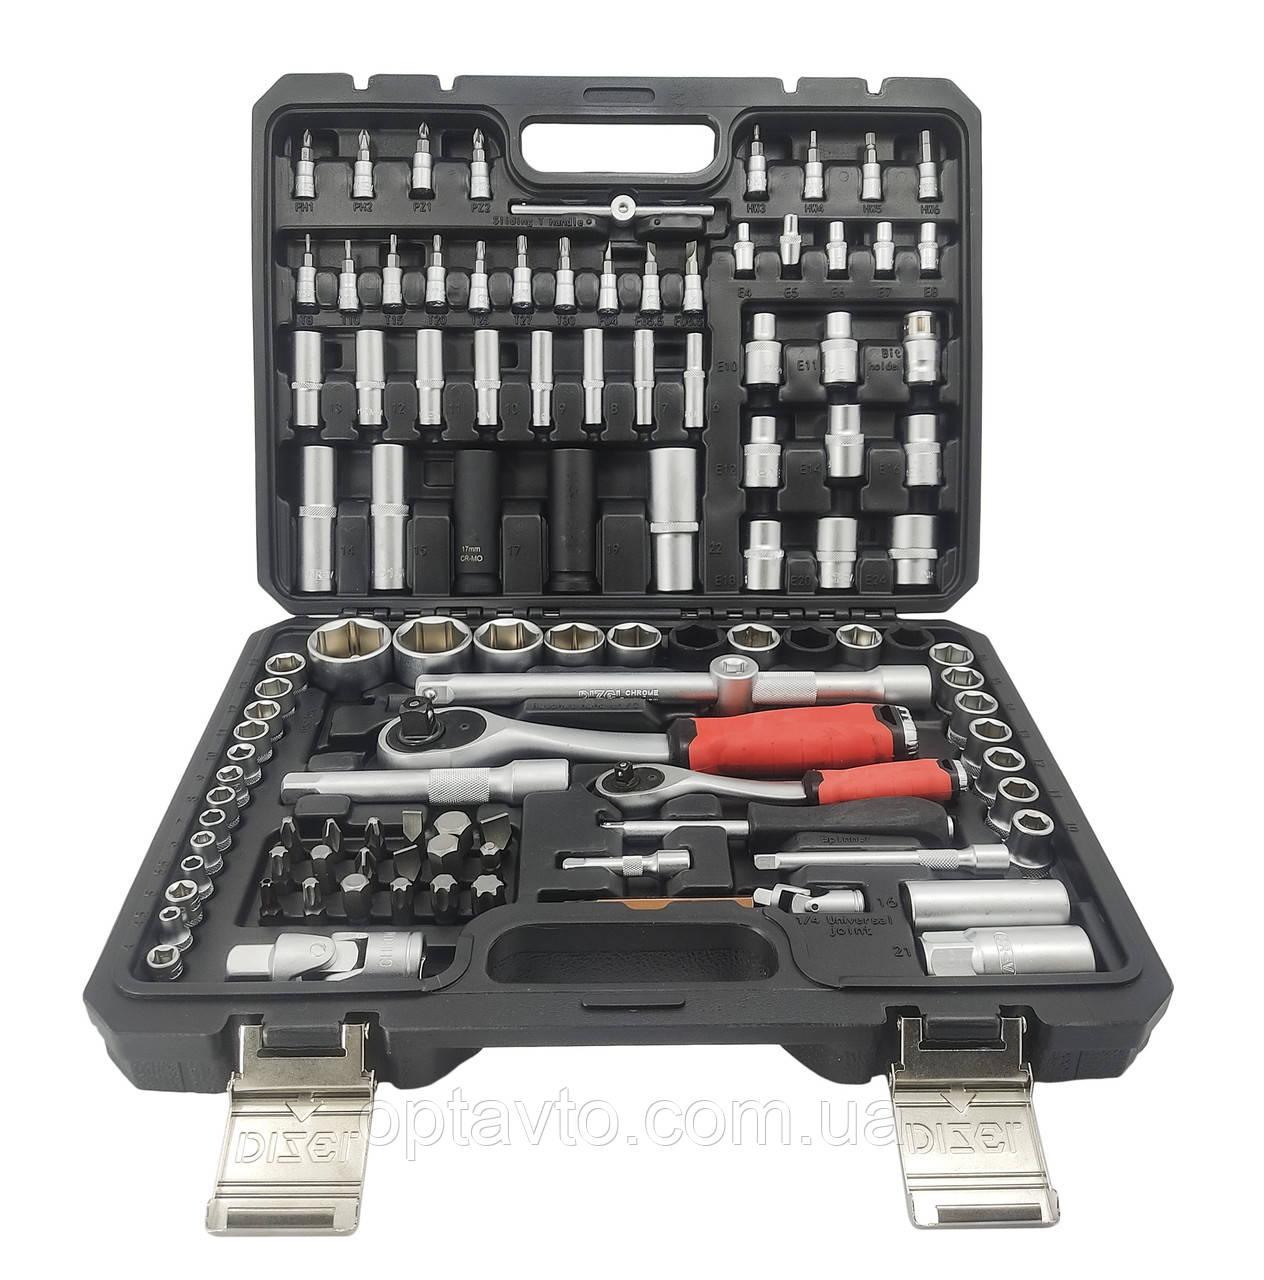 Качественный набор инструментов 110 предметов DIZEL DZ-110